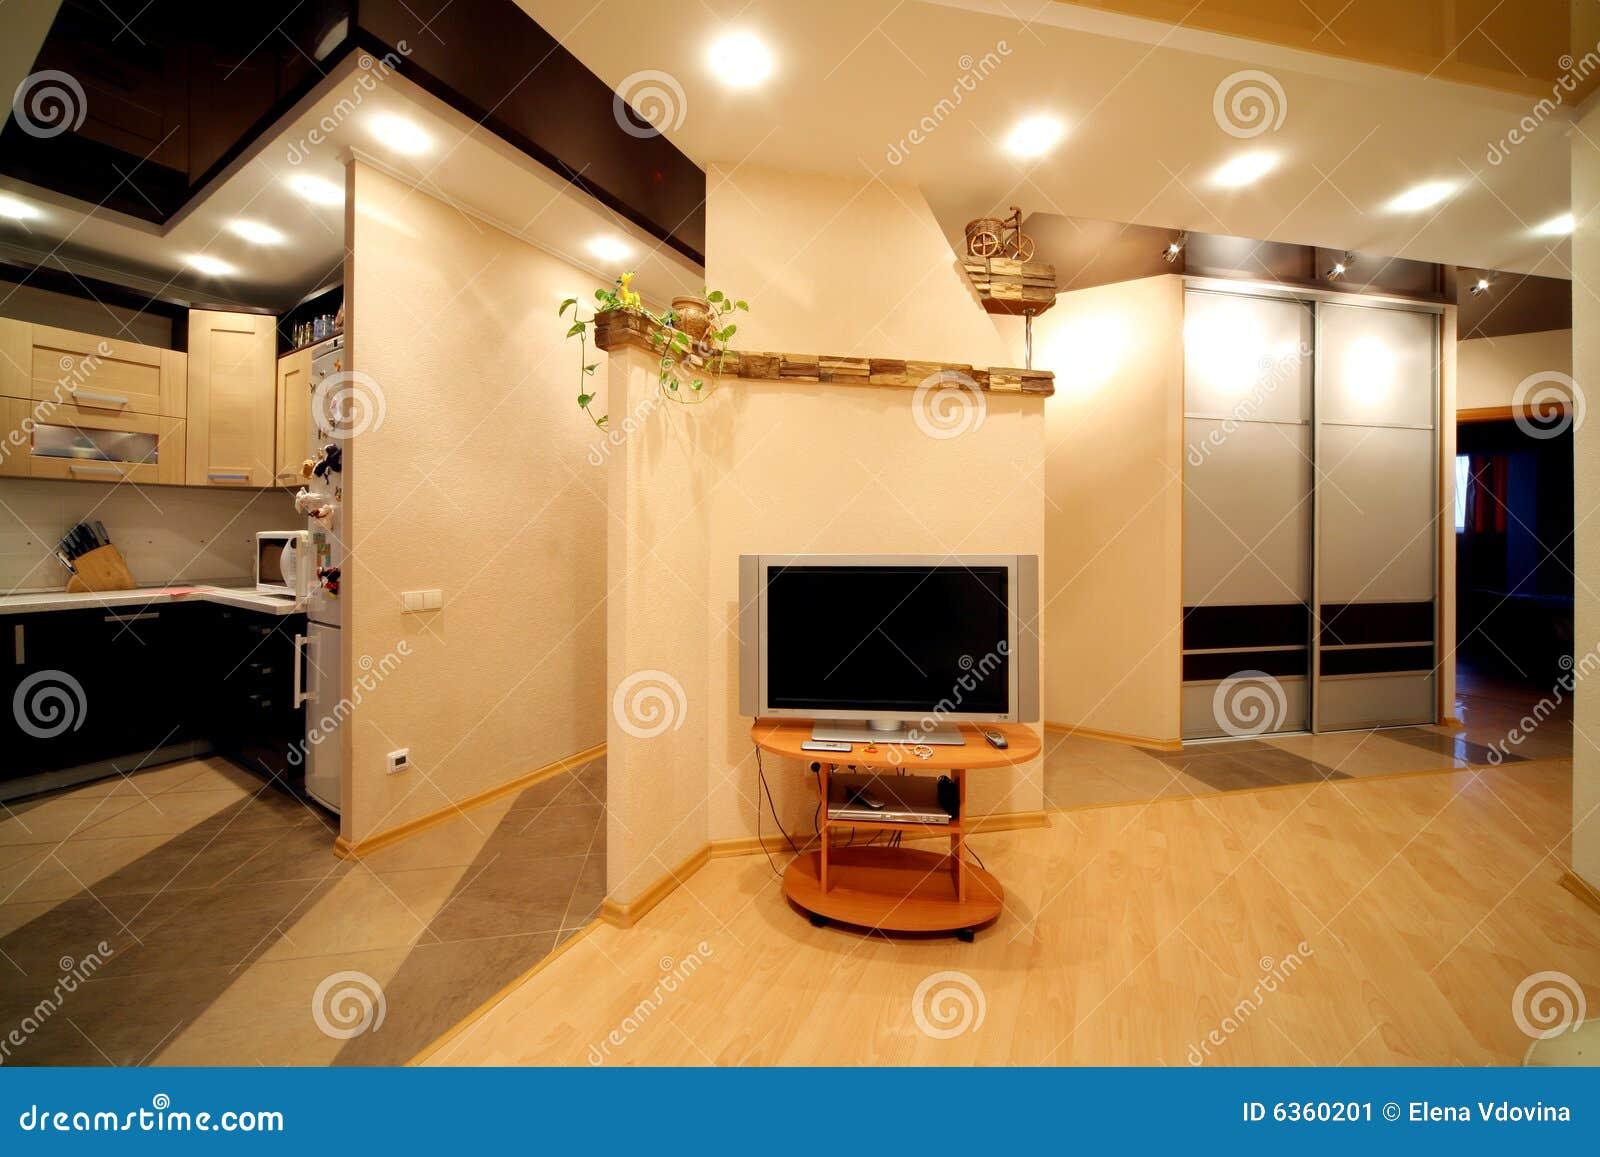 Salone e parte di una cucina immagine stock immagine for Cucina e salone insieme